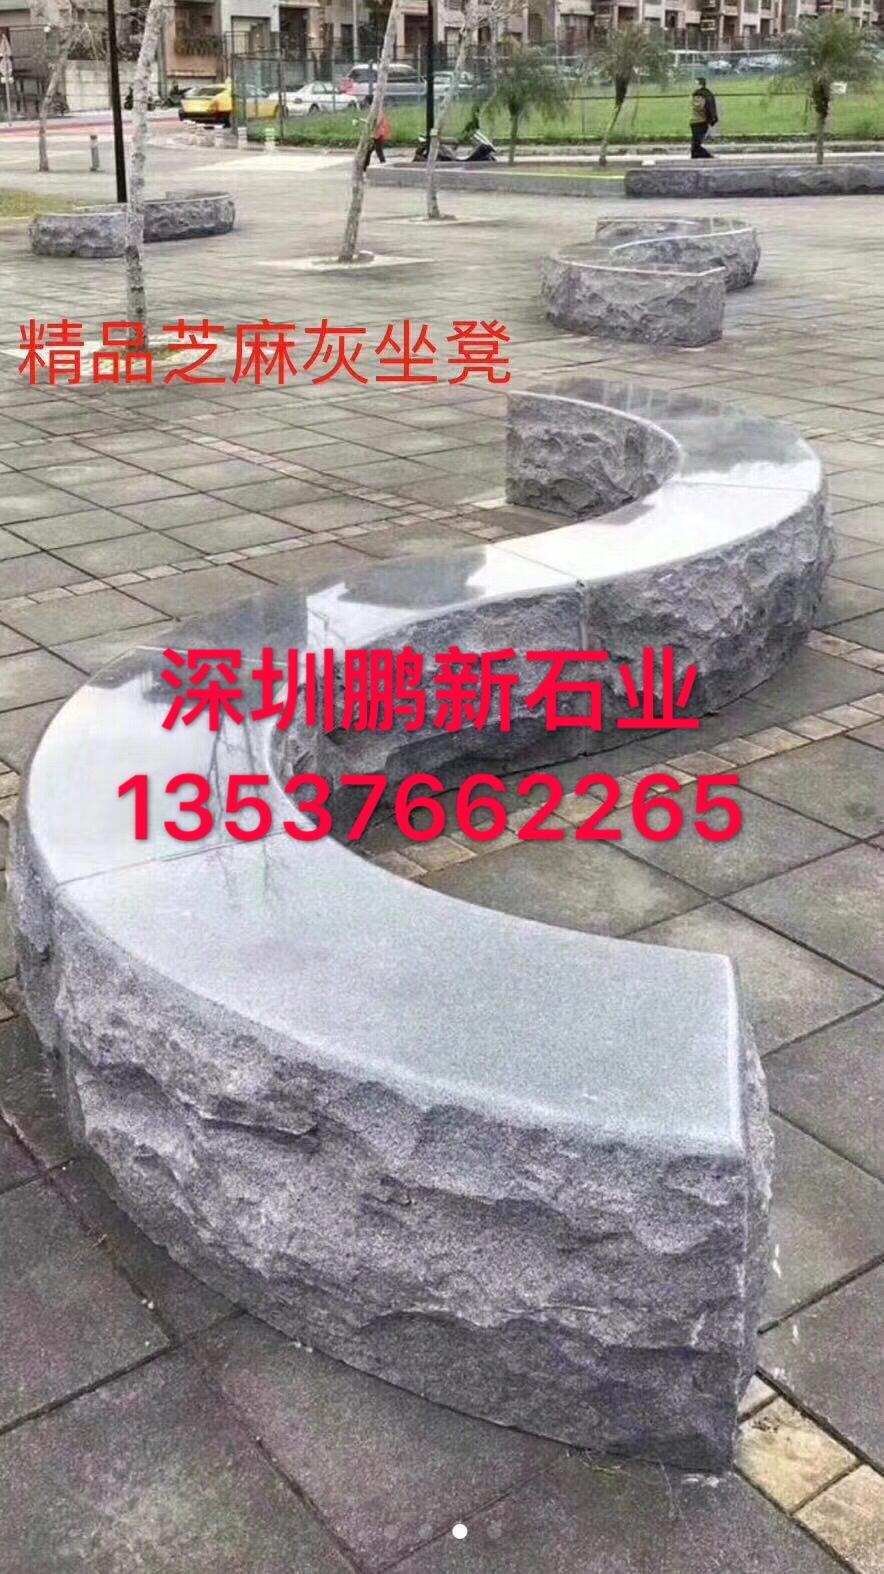 珠海市政道路改造路基路牙石 珠海馬路牙石材 3